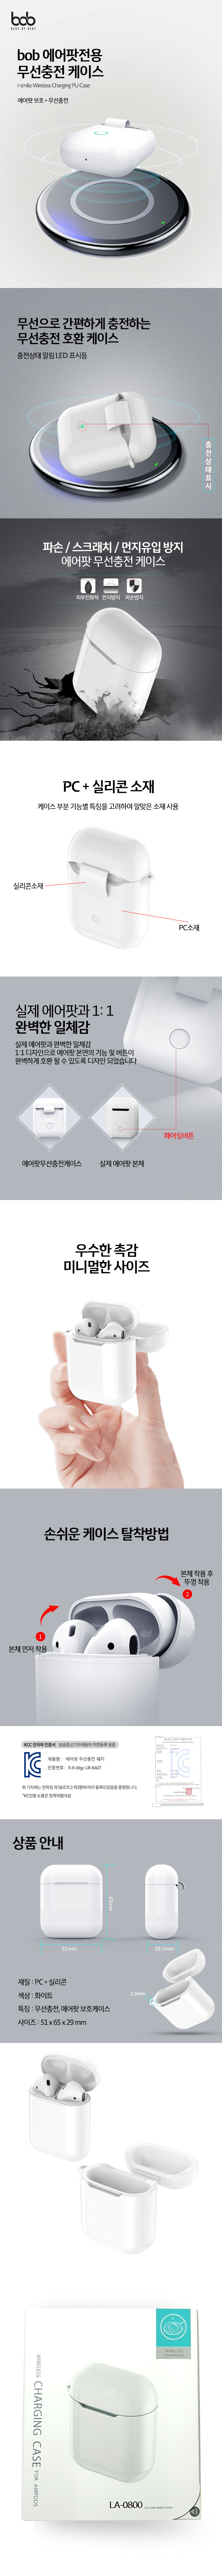 bob Air팟 전용 무선충전 하드 범퍼 케이스 wireless - 비오비, 25,900원, 이어폰, 이어폰 악세서리